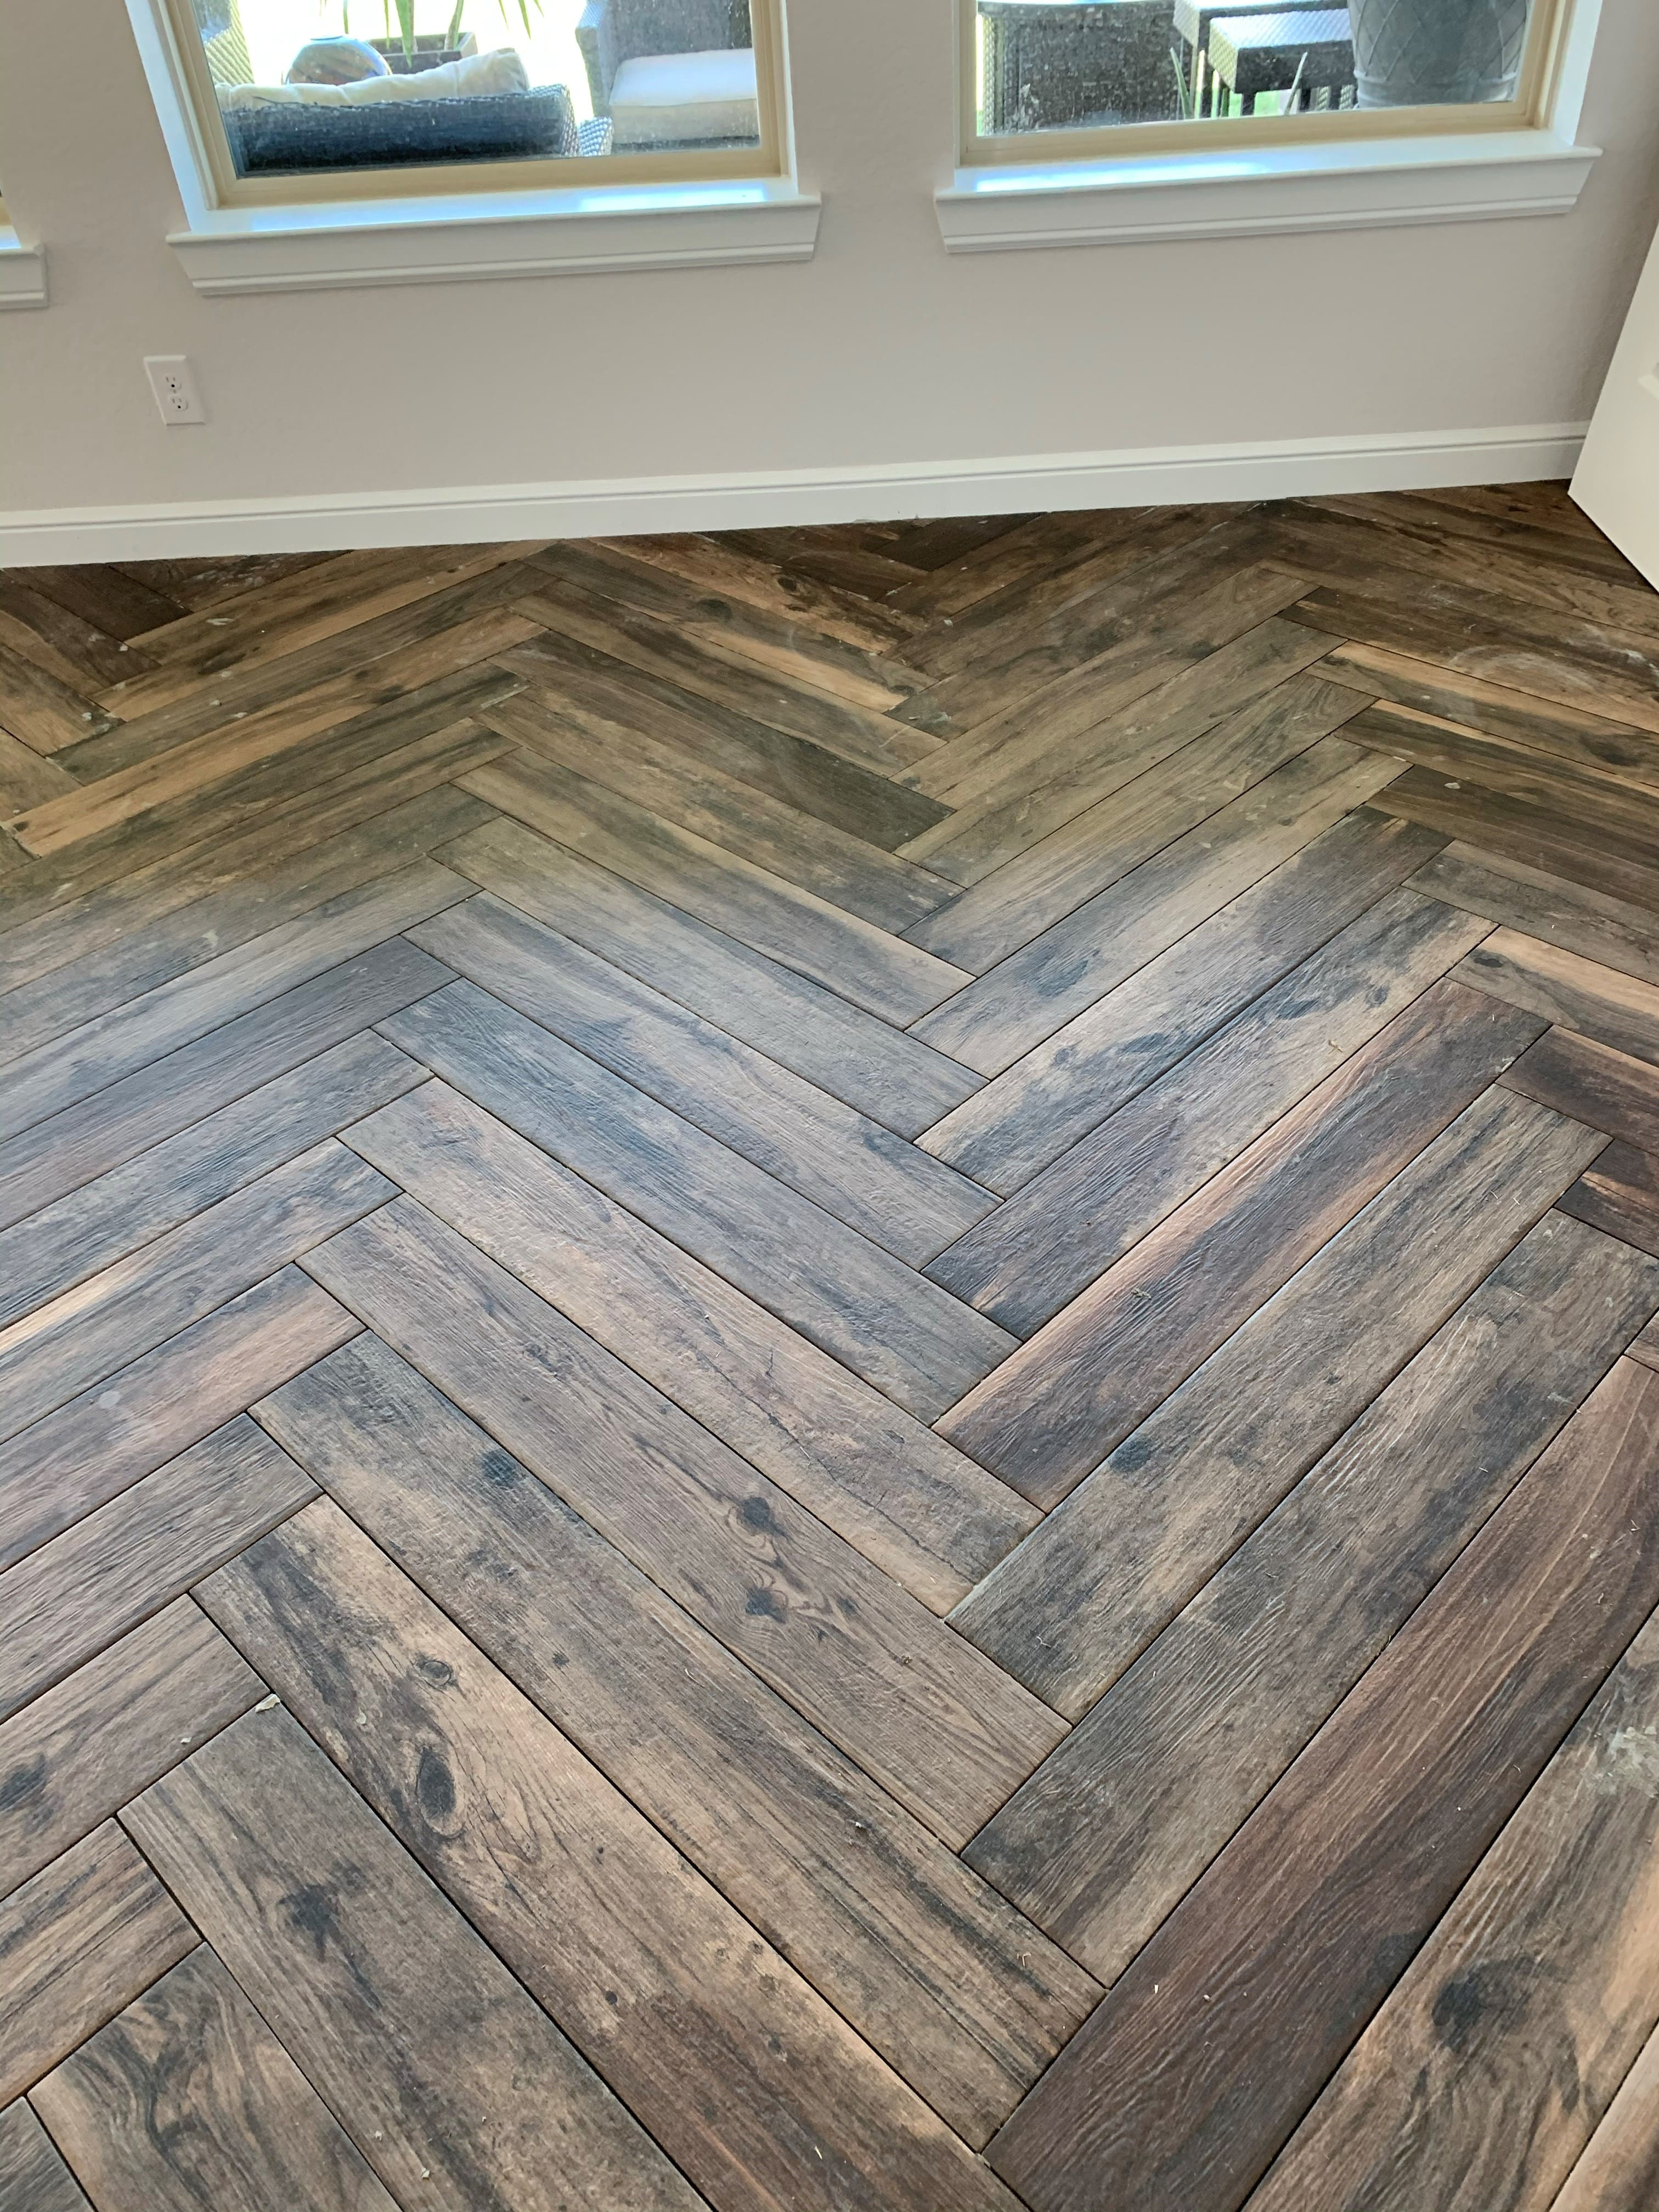 wood look tile in a herringbone patter